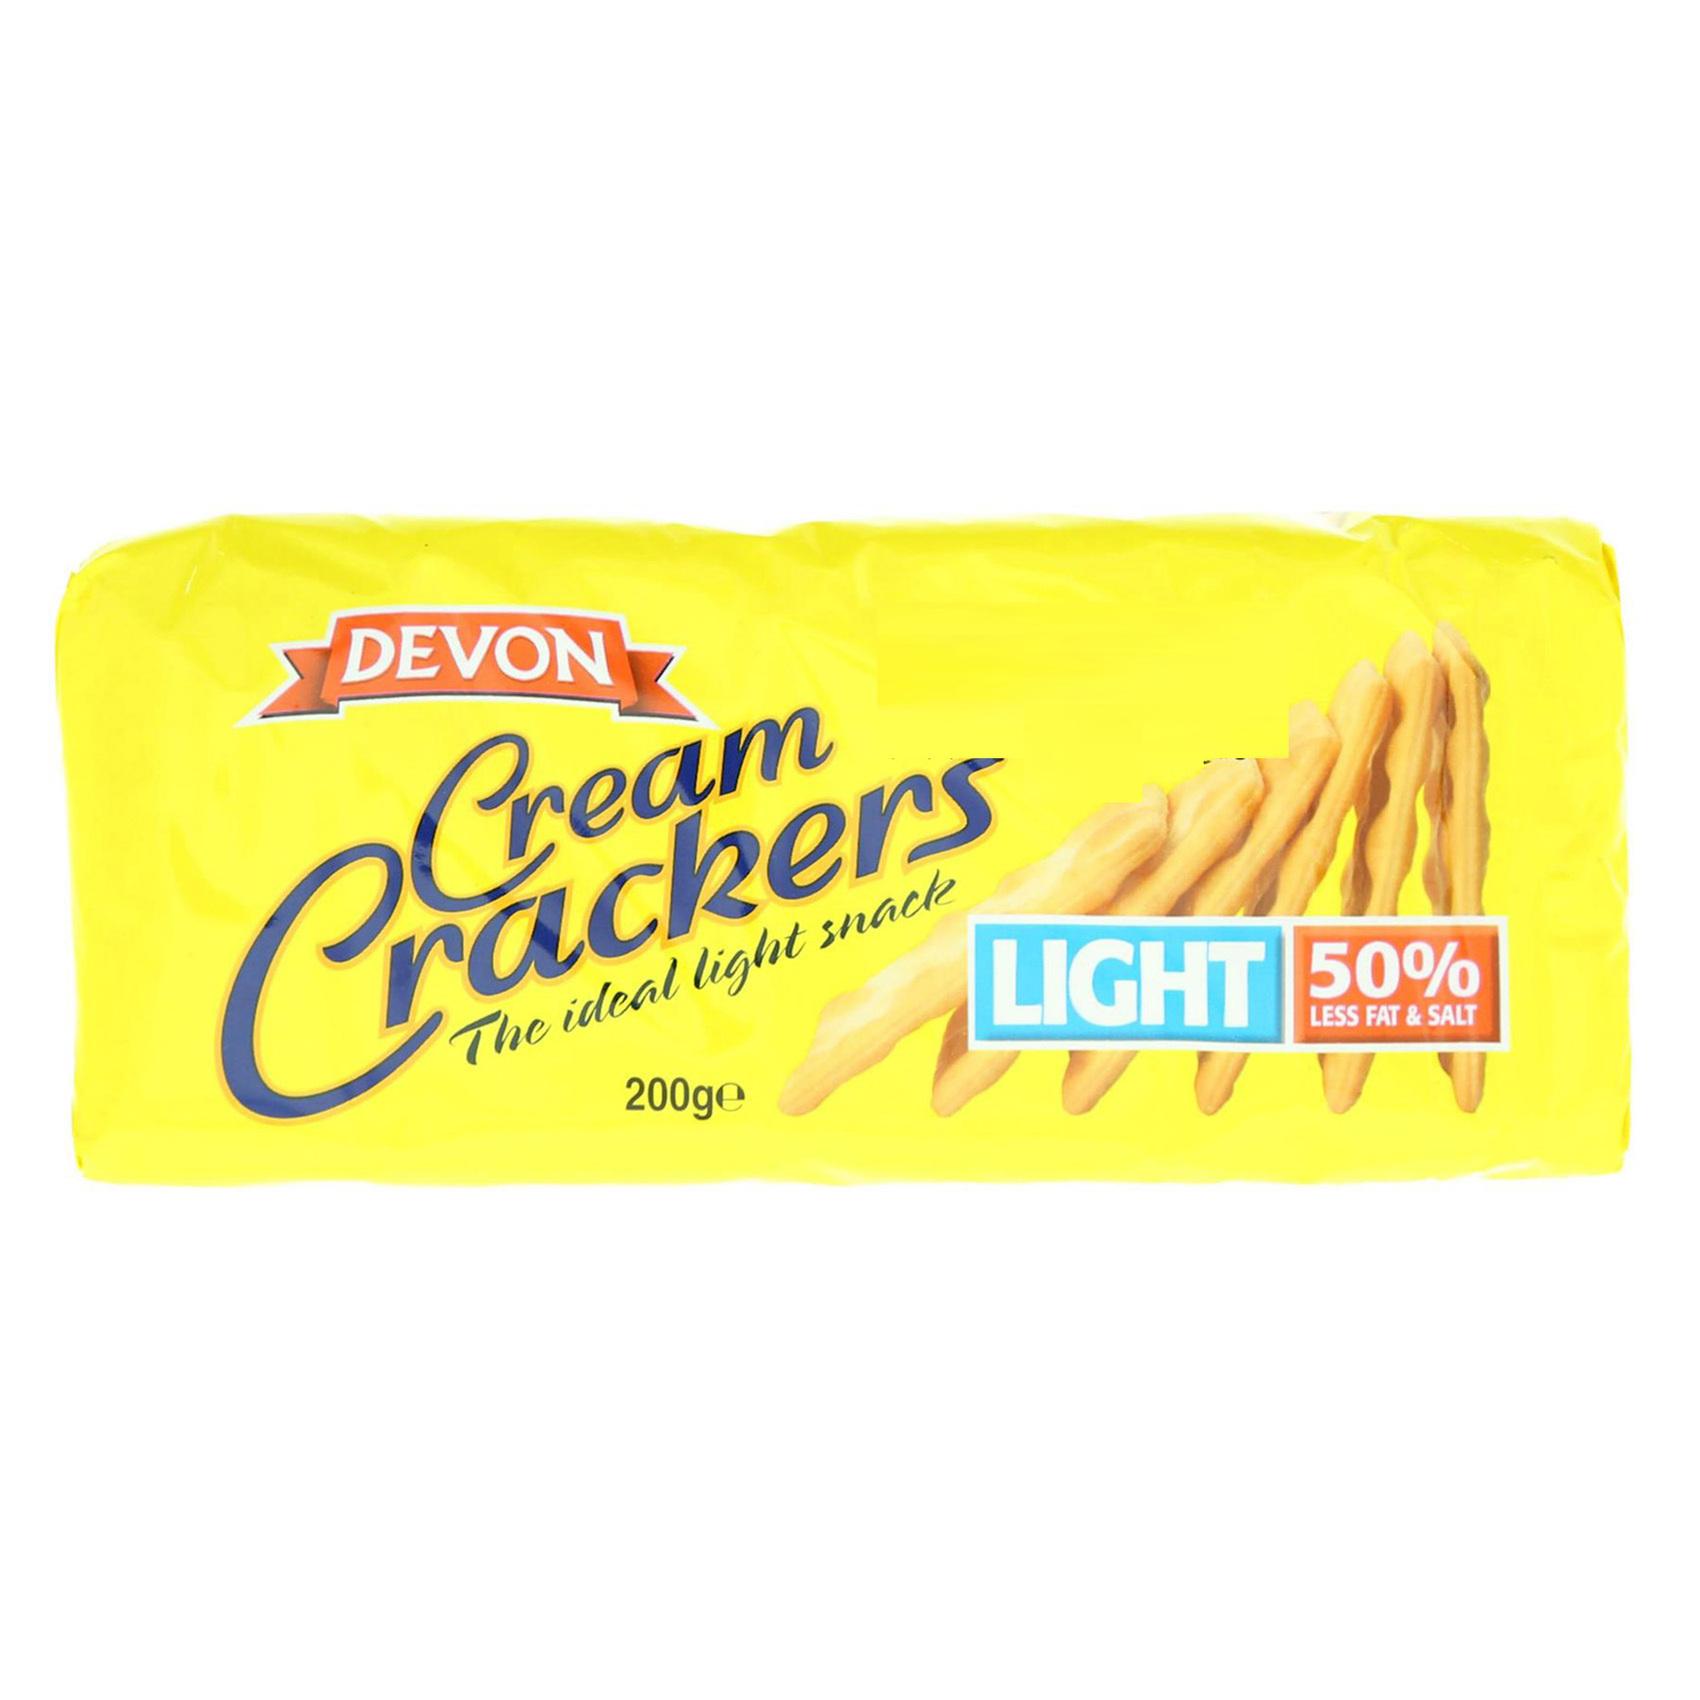 DEVON CREAM CRACKERS LIGHT 200G